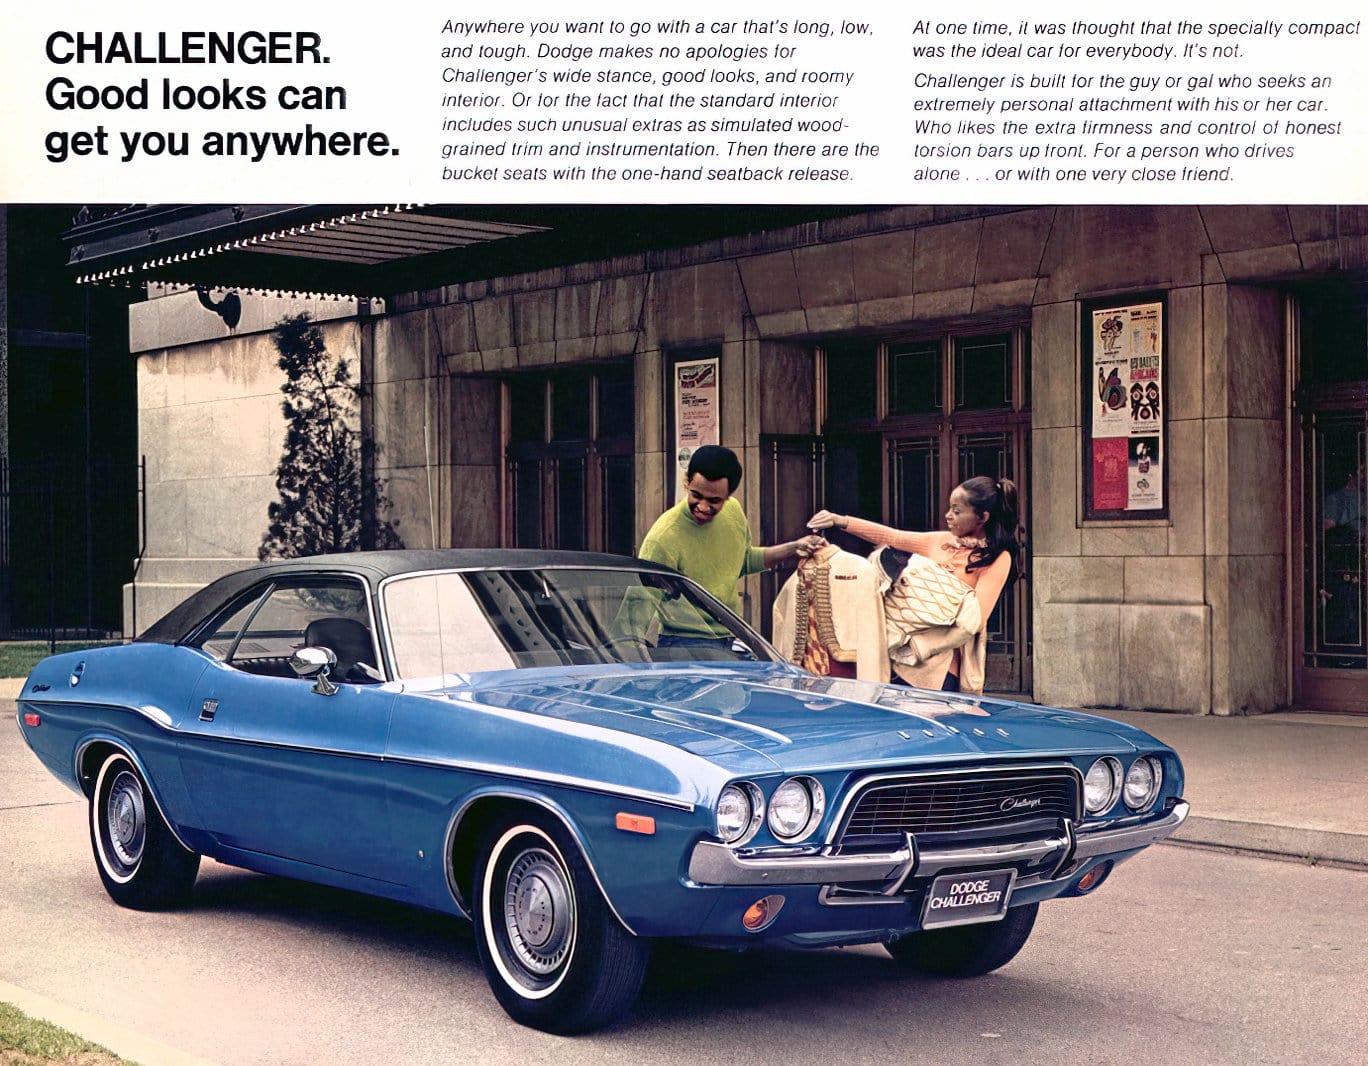 1970 Dodge Challenger blue